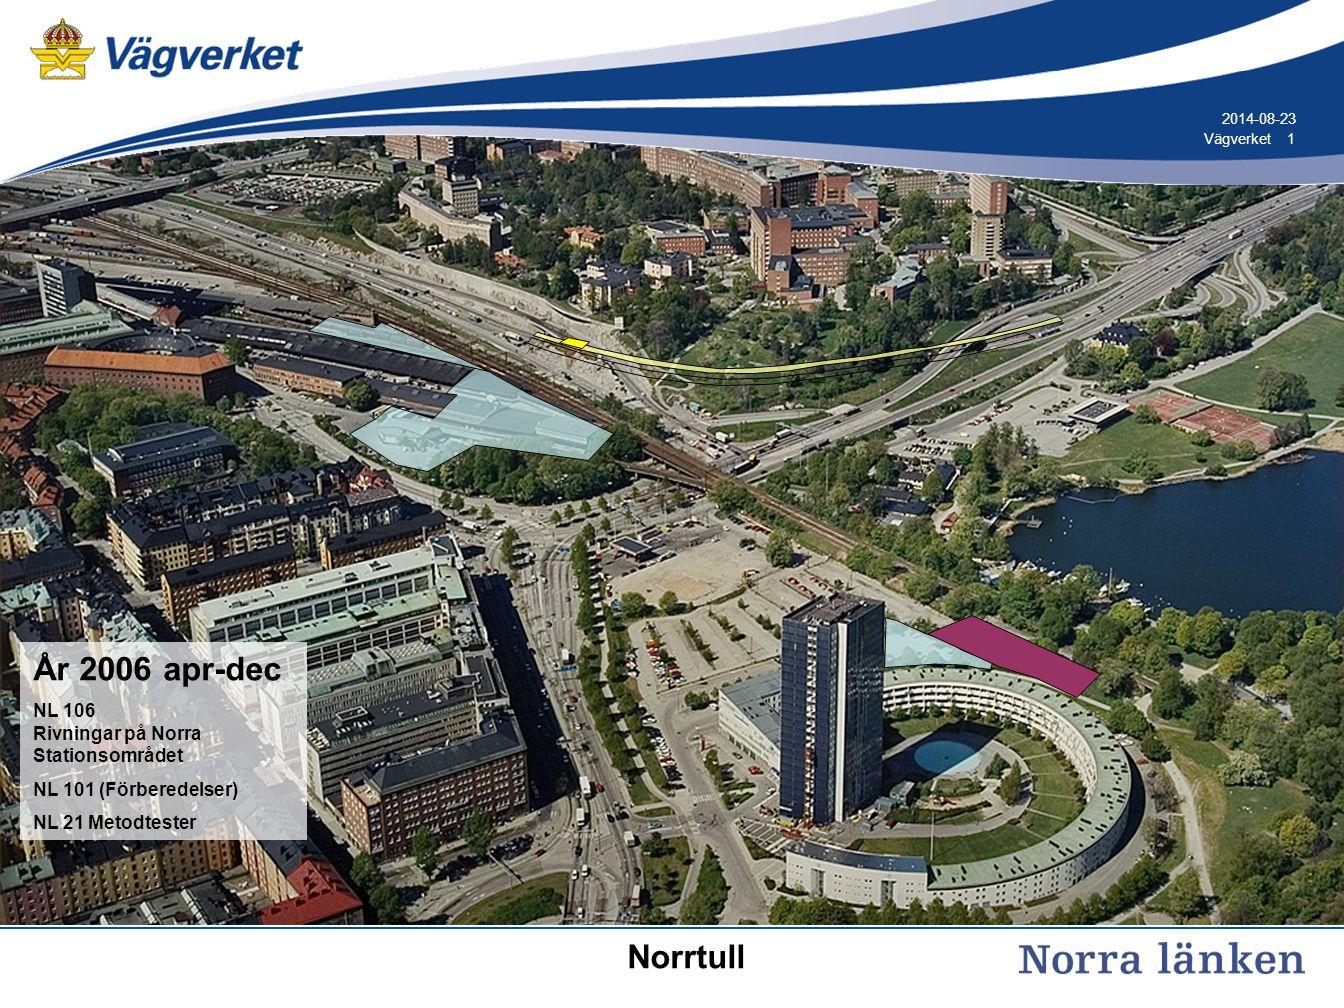 12 Vägverket 2014-08-23 År 2009 aug – jan 2010 NL 11 Berg- och betongtunnlar (blå) NL 12 Betongtunnlar (röd) NL 21 Rörtryckning och pilottunnlar (lila) Norrtull